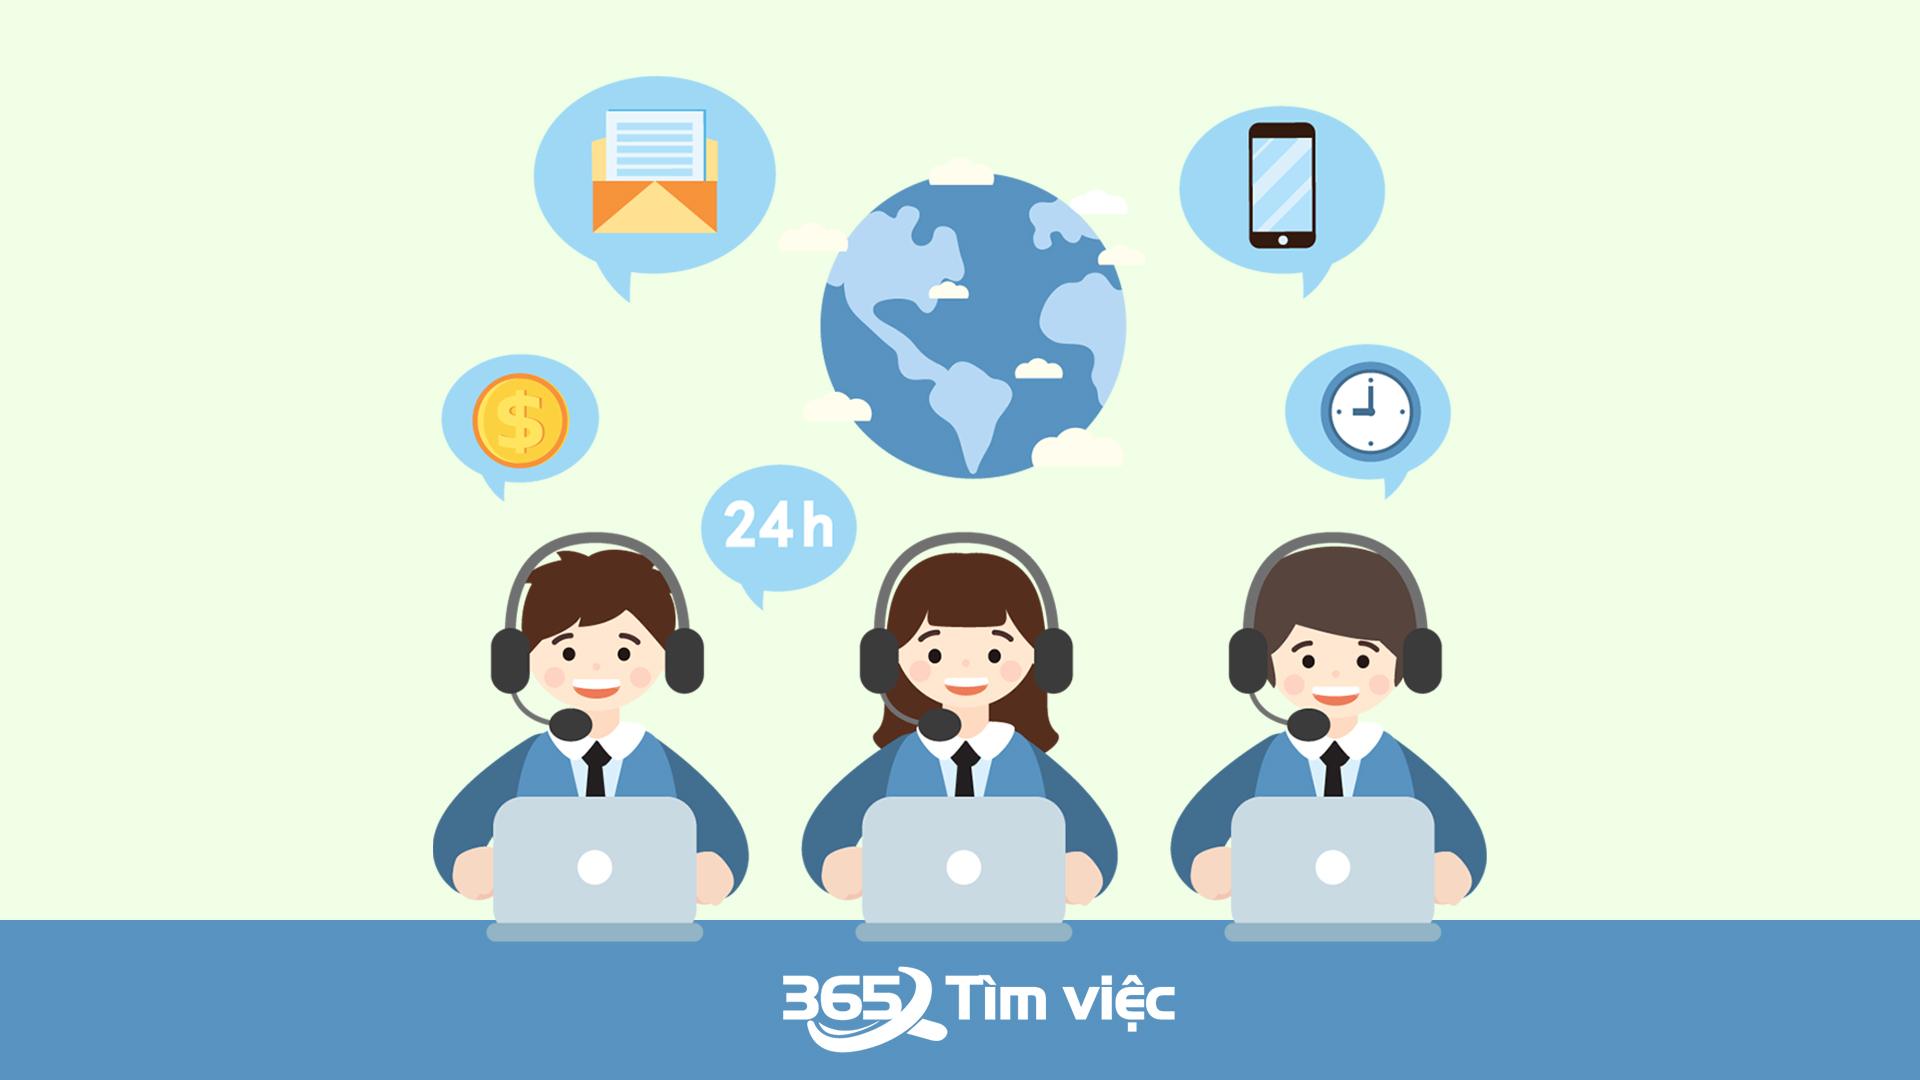 Xây dựng niềm tin - tuyệt chiêu dành cho telesales tiếp cận khách hàng nhanh chóng